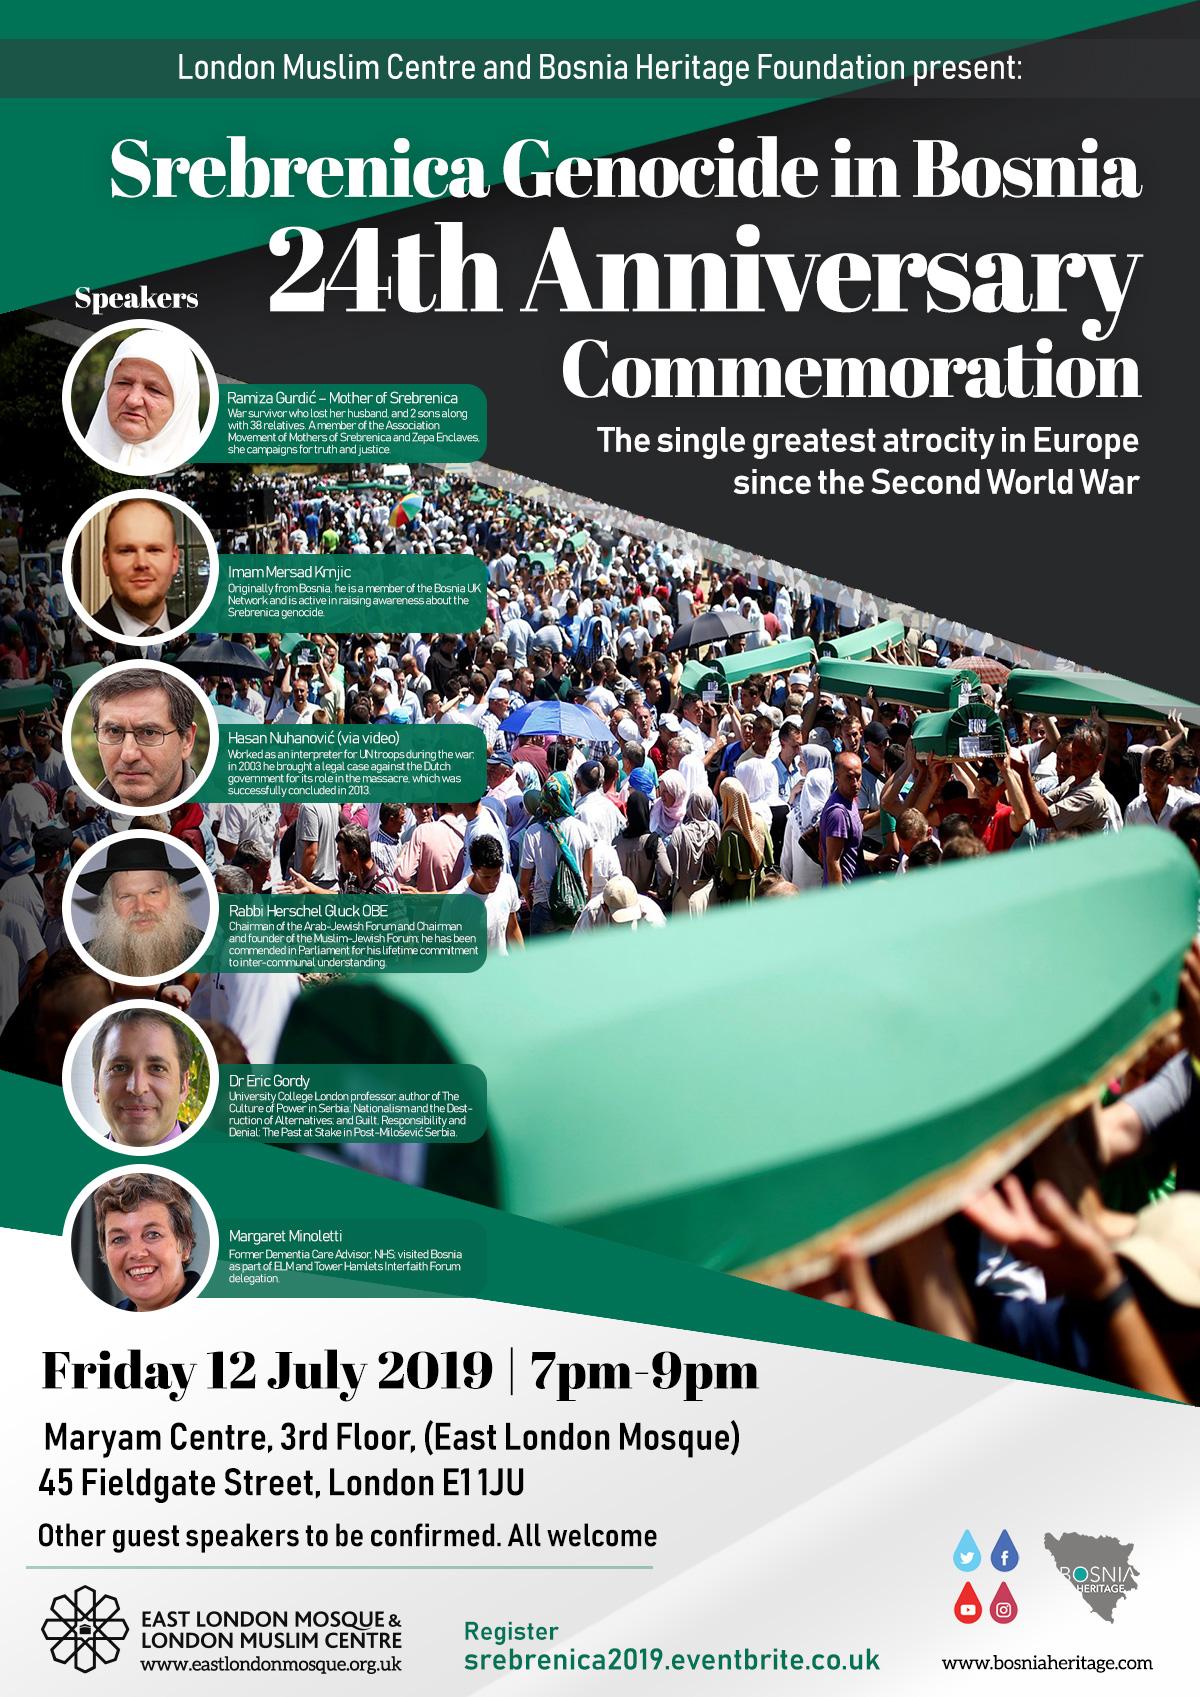 Srebrenica Genocide in Bosnia.